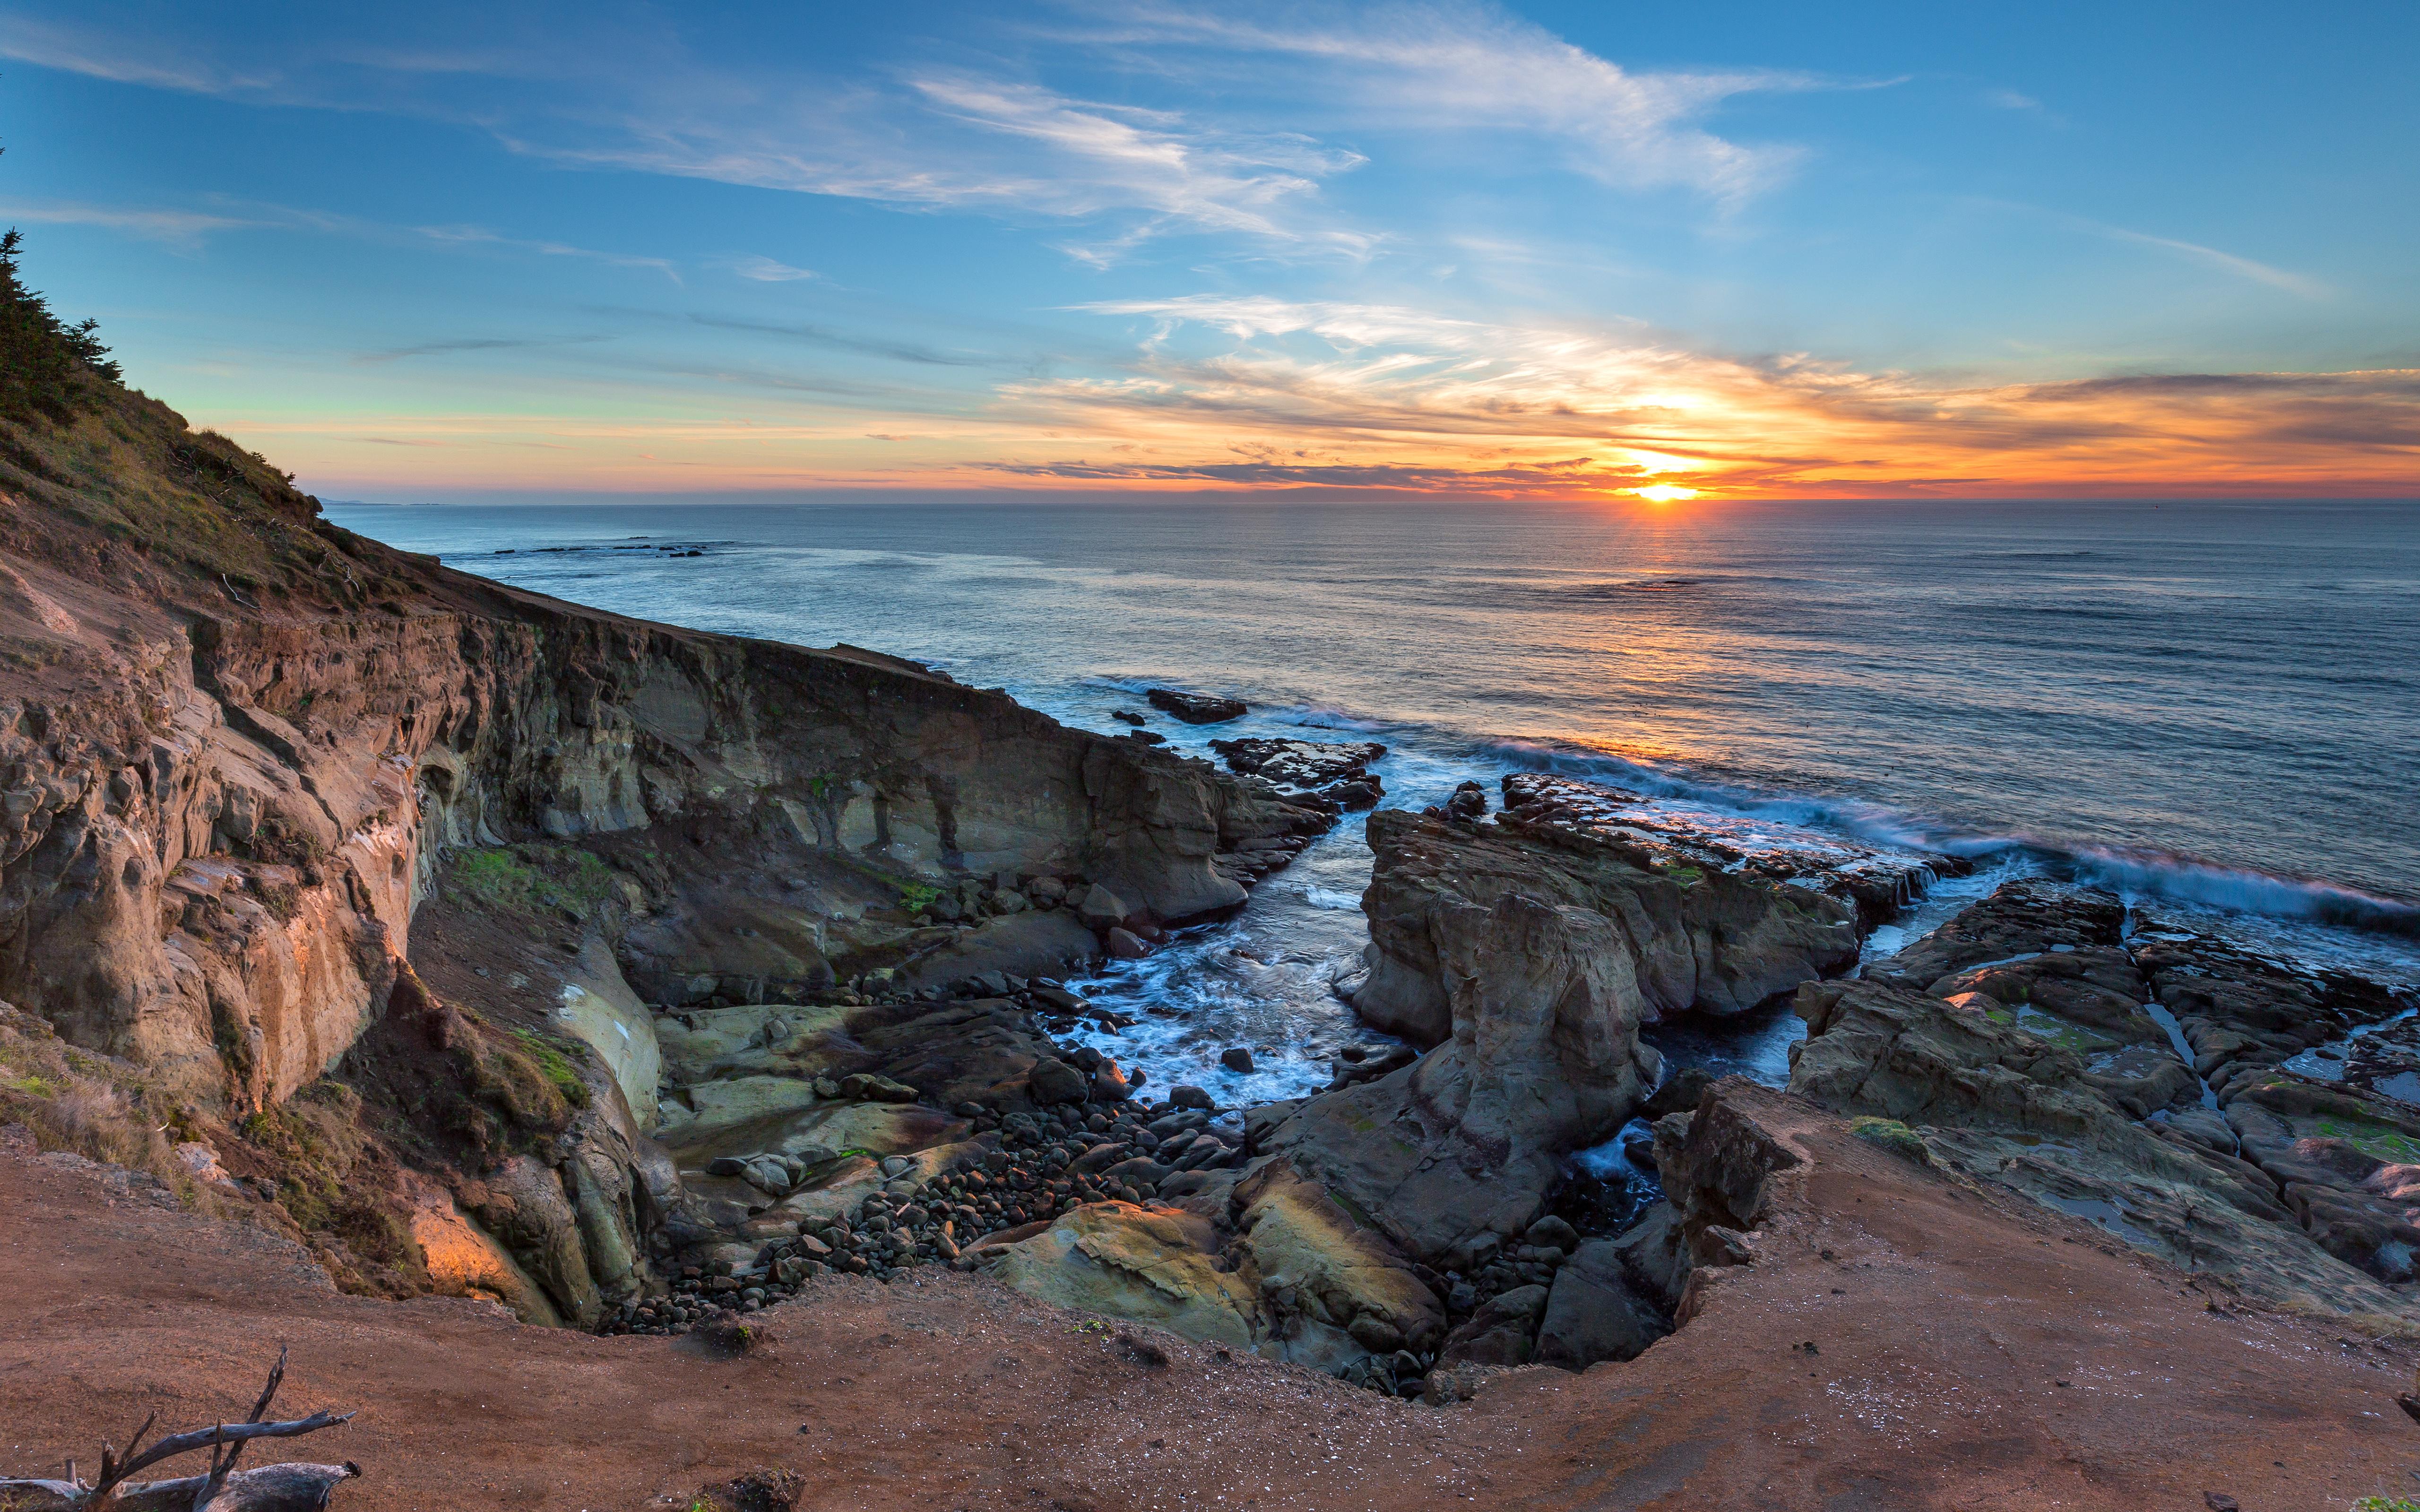 море океан камни скалы закат sea the ocean stones rock sunset  № 2530590 бесплатно